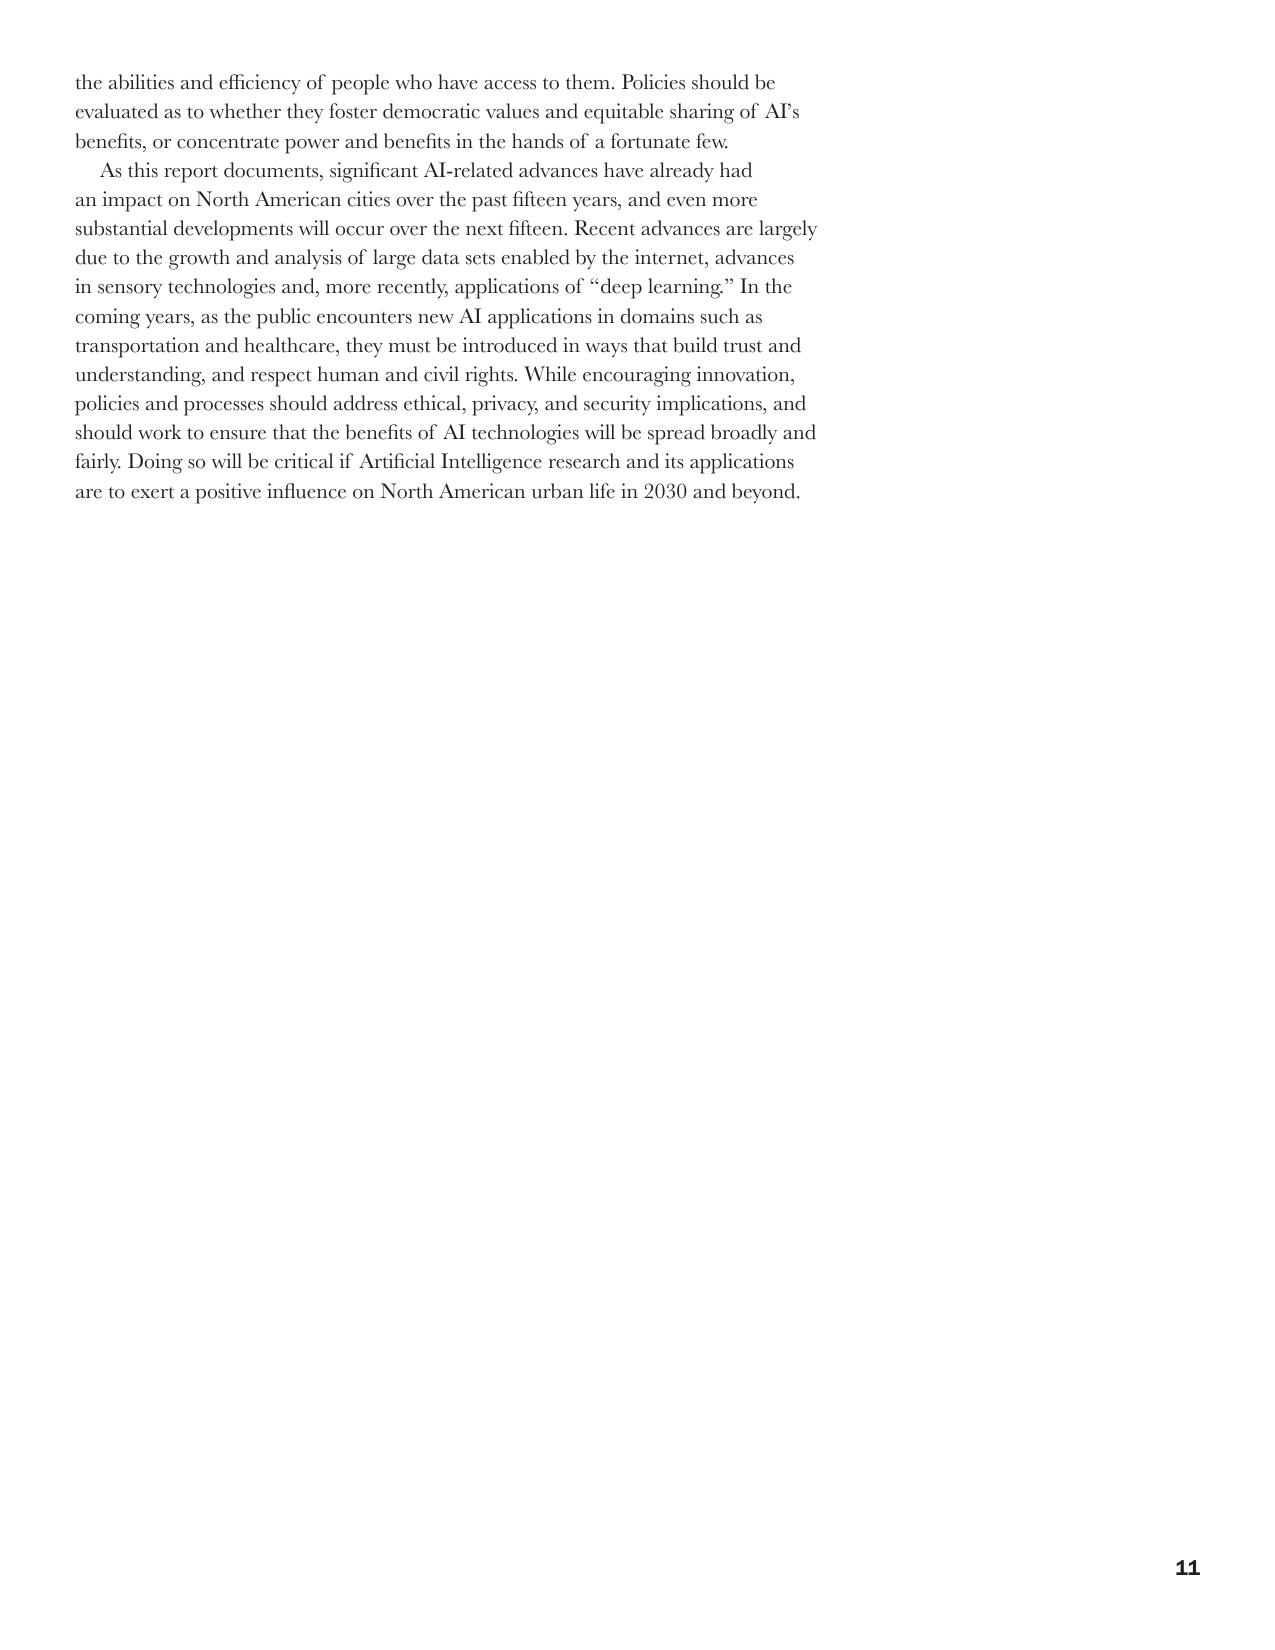 斯坦福:2030年的人工智能与人类生活_000011